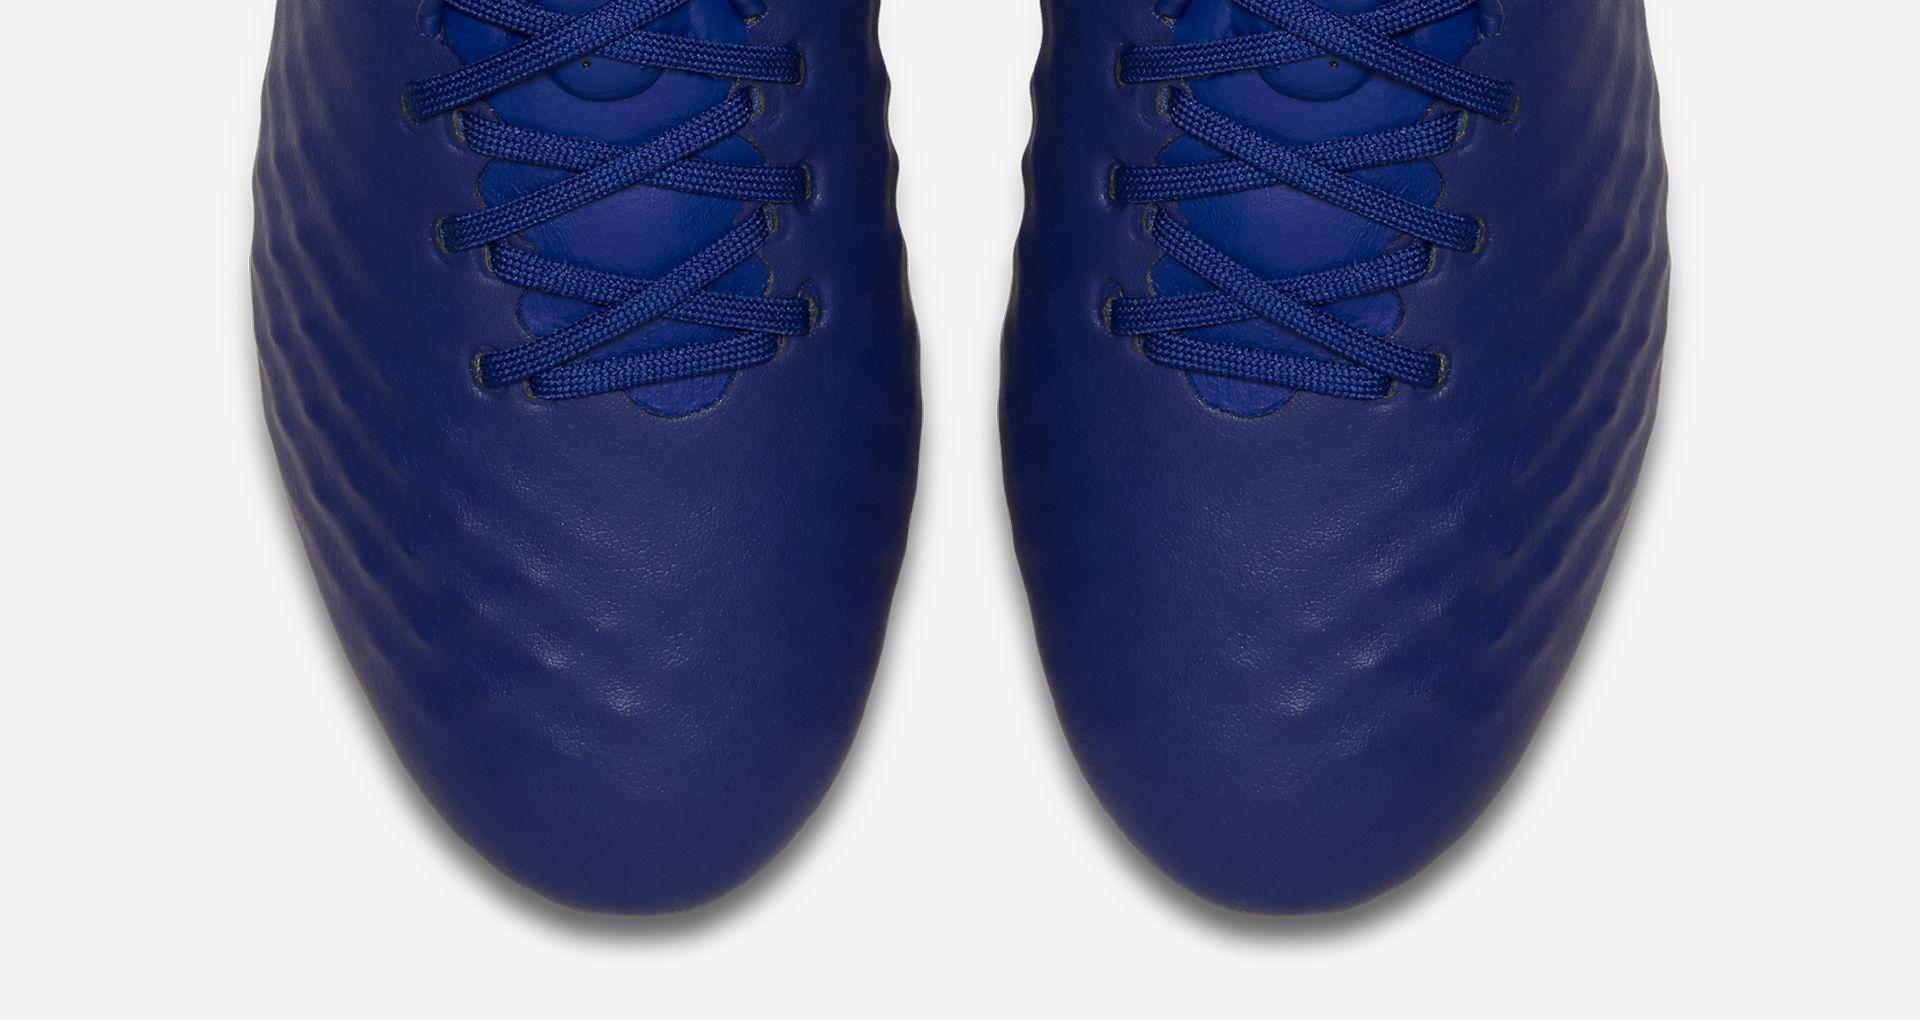 45e2564a0030 Nike Magista Obra 2  Time To Shine . Nike.com